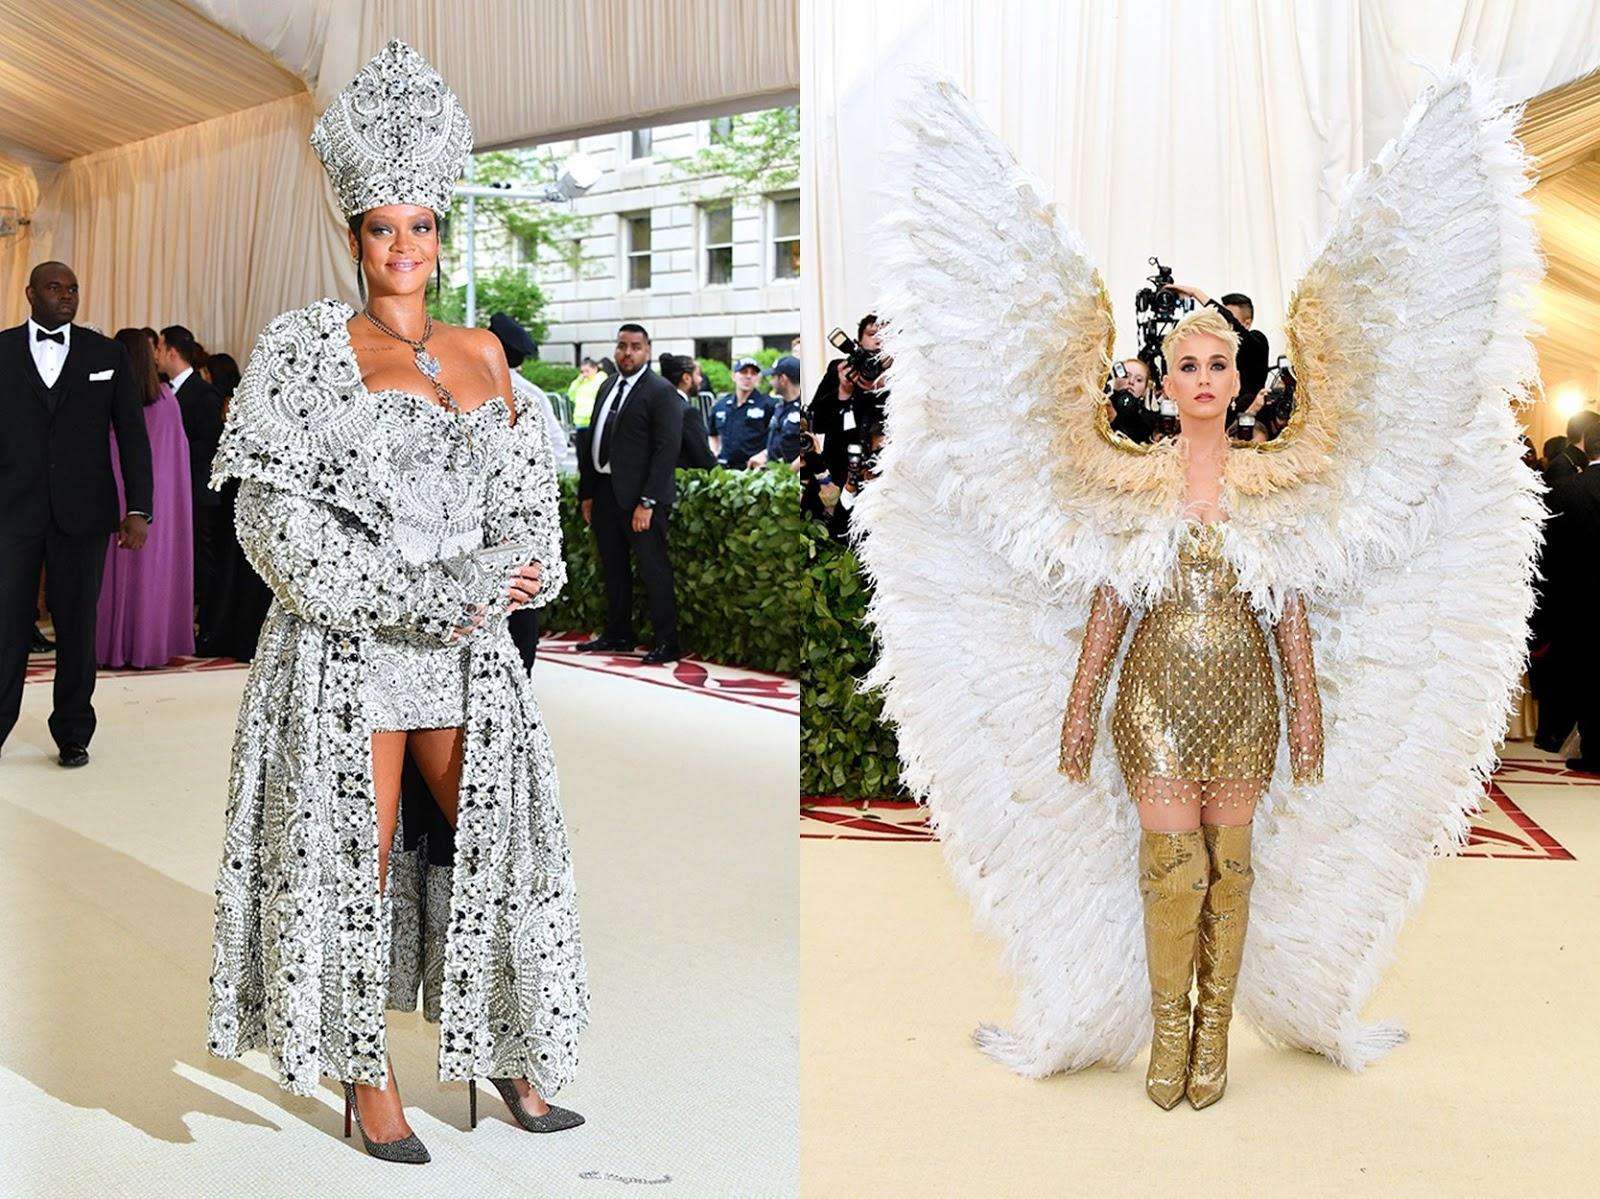 Met Gala co to jest? Kreacje gwiazd i najważniejsze informacje o Costume Institute Gala w  Metropolitan Museum of Art w Nowym Jorku